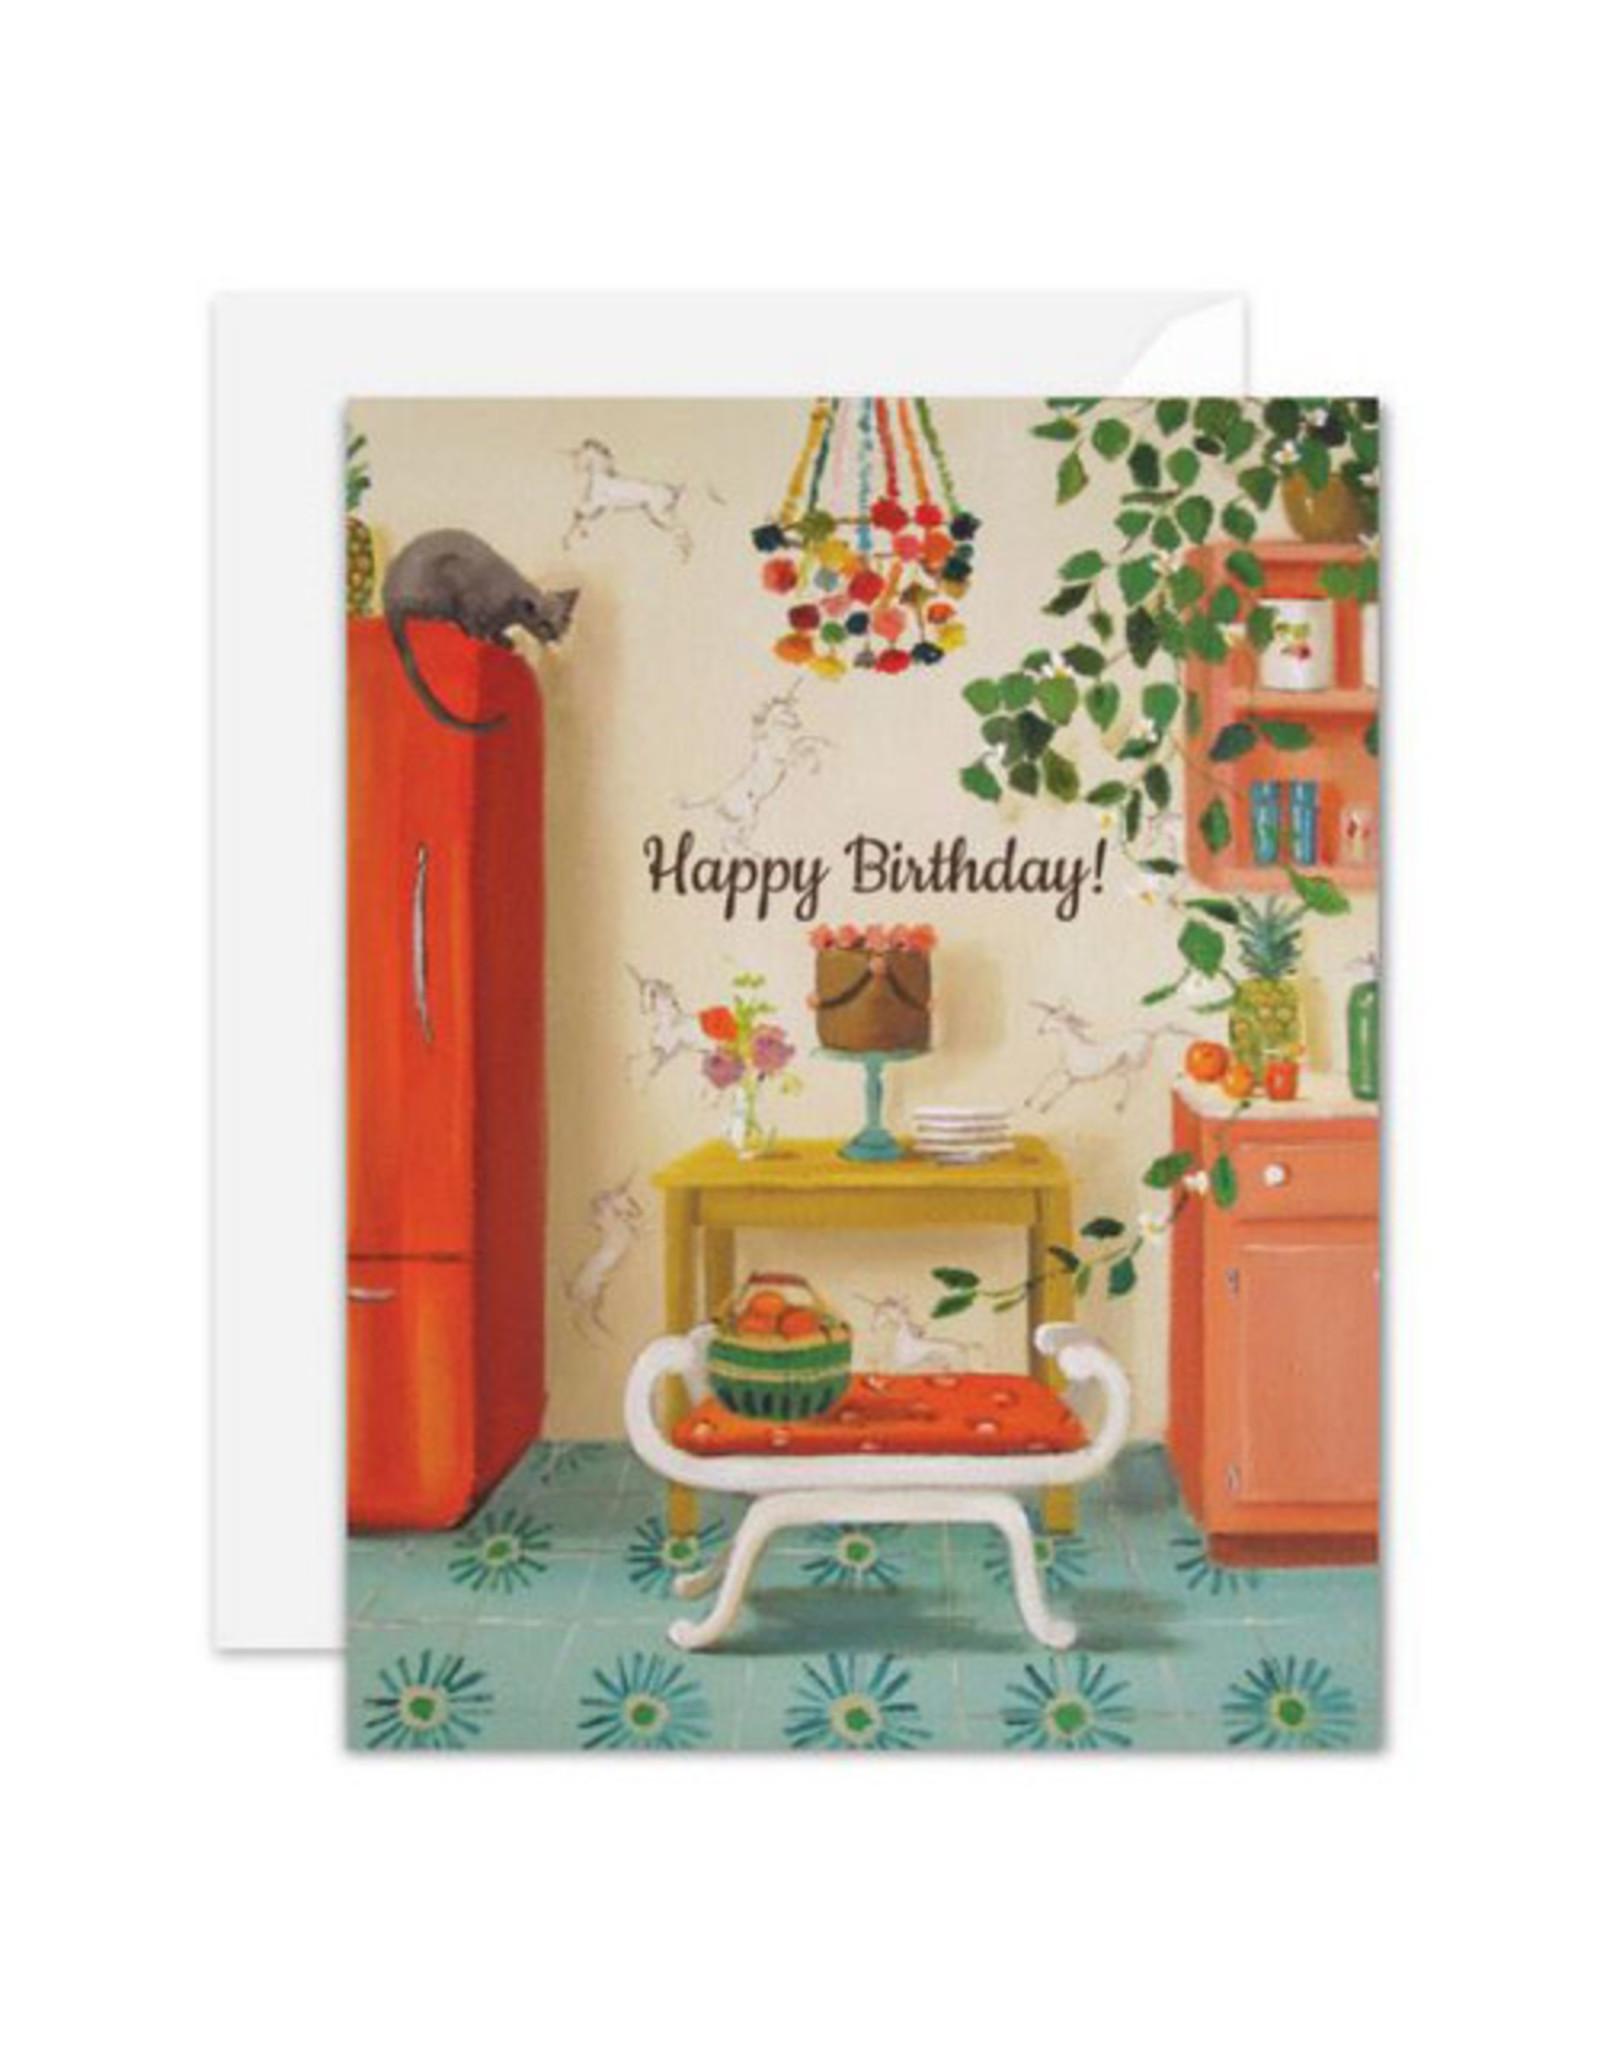 Janet Hill Studio Birthday - Happy Birthday! - Cozy